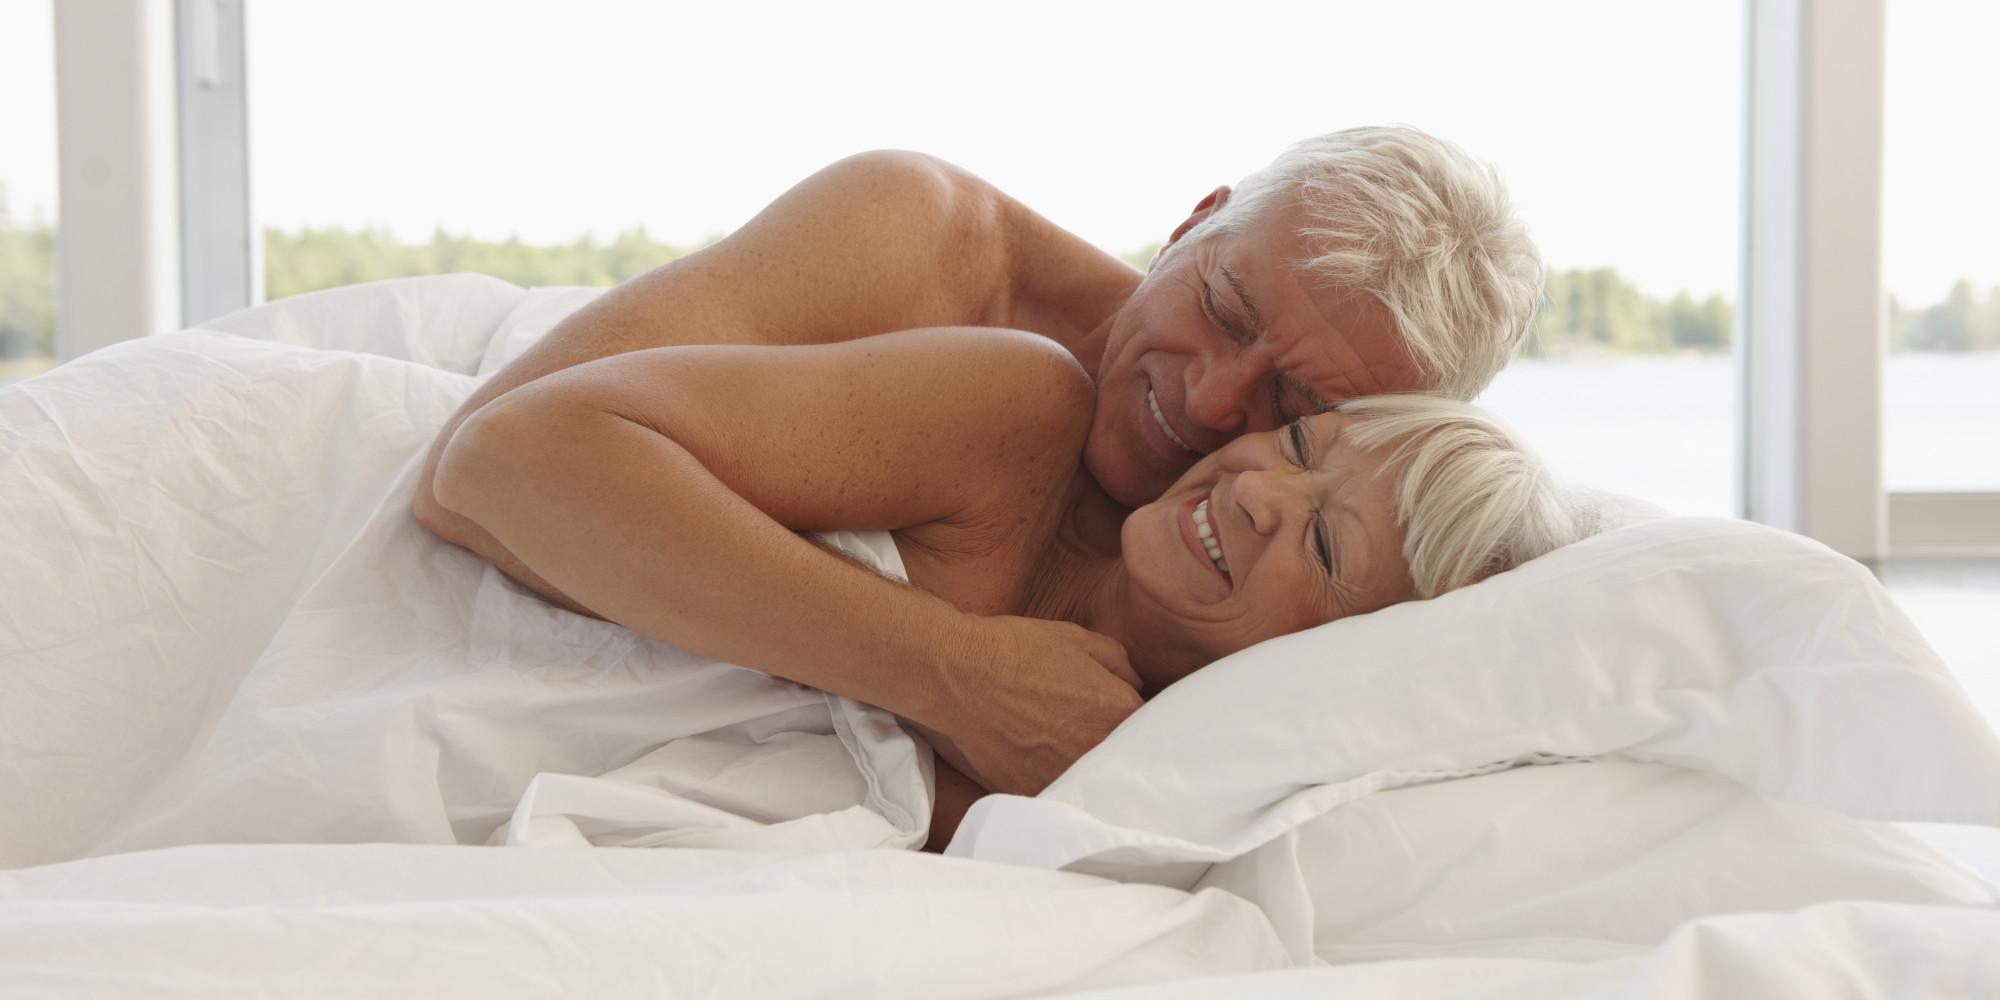 Сексуальная жизнь мужчин и женщин после 50 лет. Не катастрофа, а неудача…